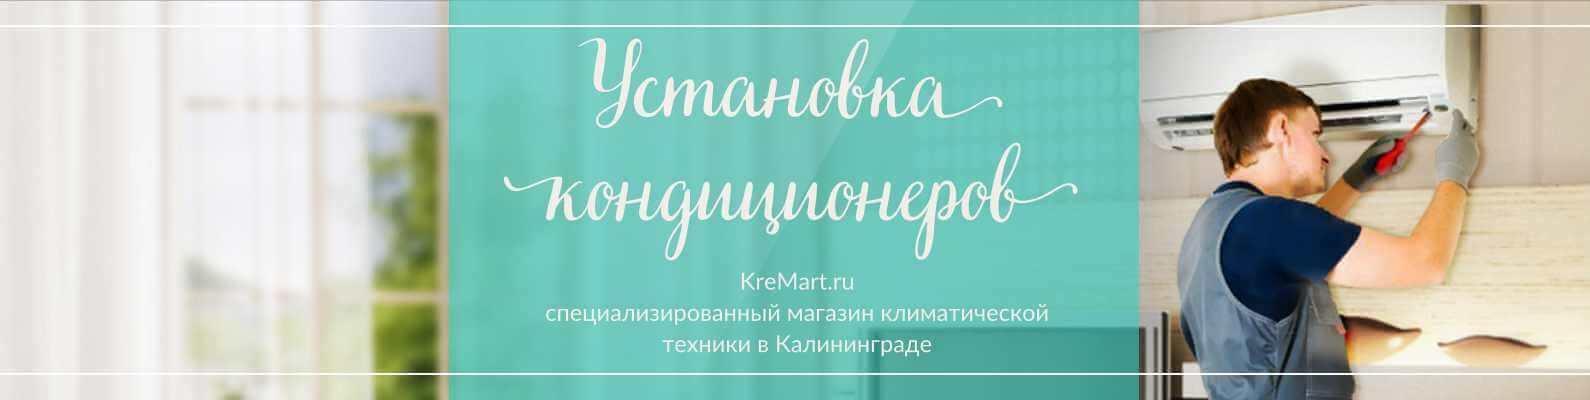 Установка кондиционеров в Калининграде